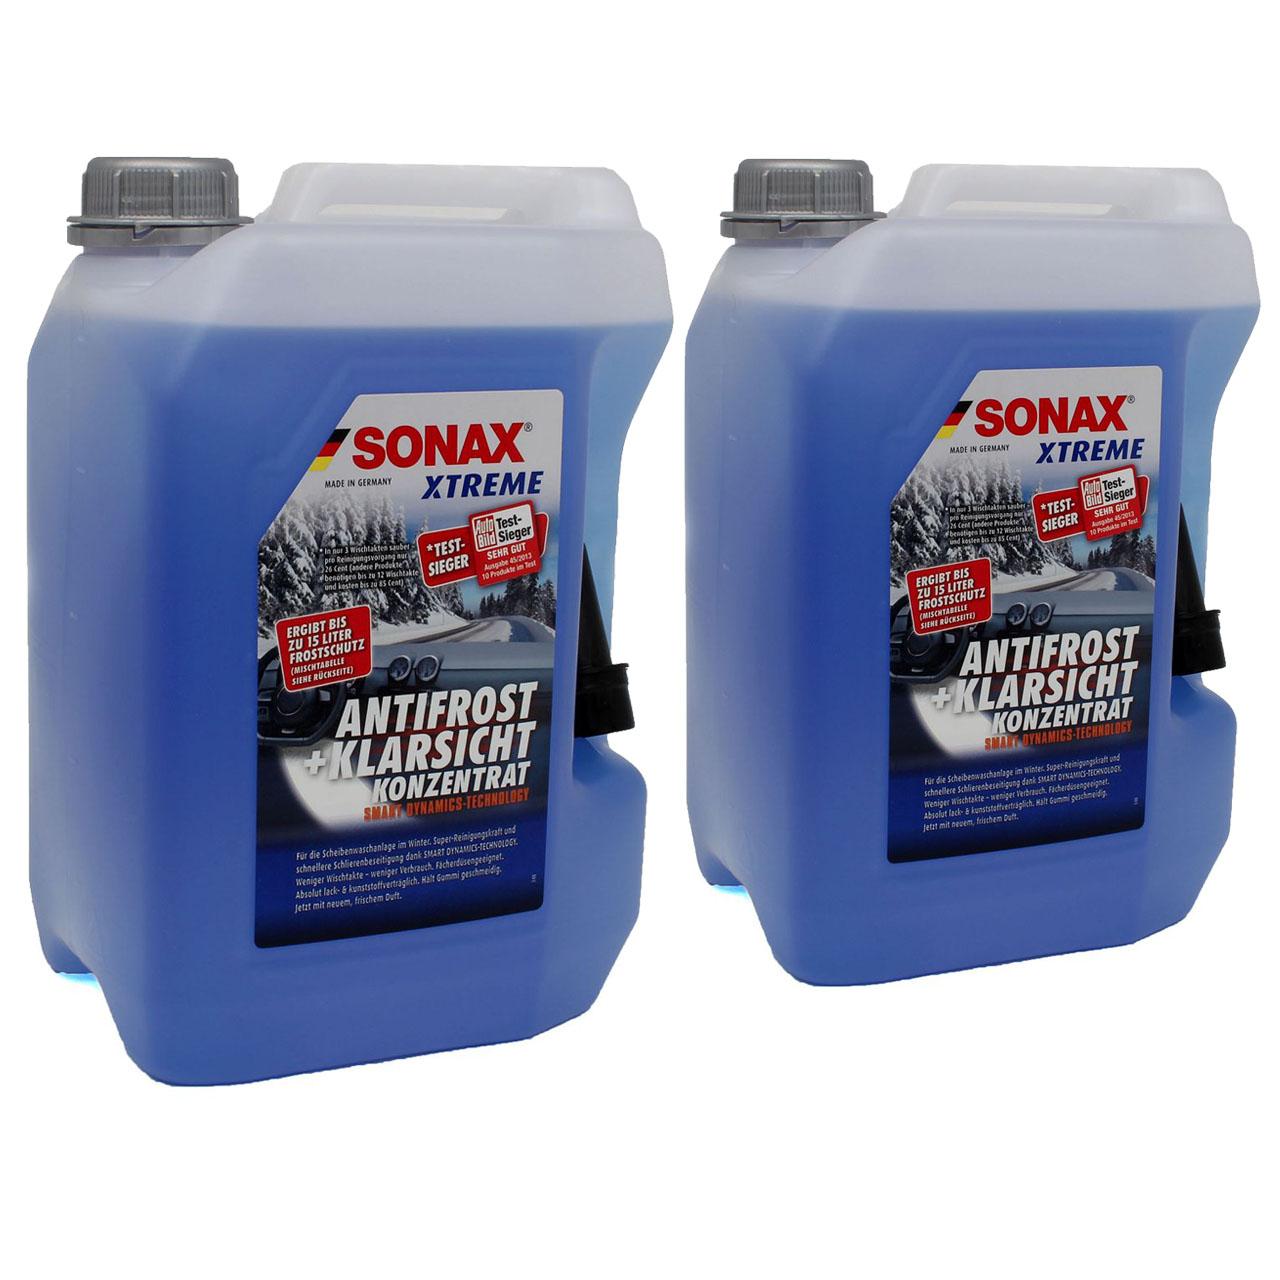 SONAX Xtreme Scheiben Frostschutz ANTIFROST & KLARSICHT Konzentrat - 10 Liter